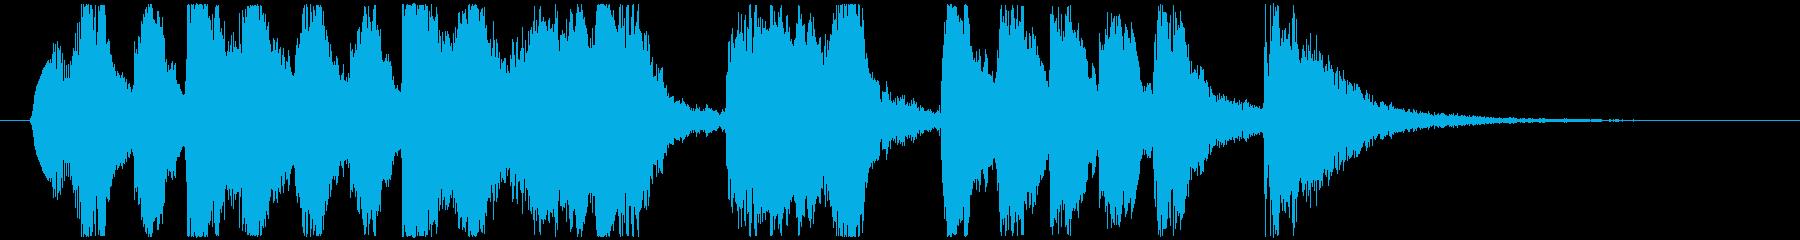 CM 変なファンファーレ No2の再生済みの波形